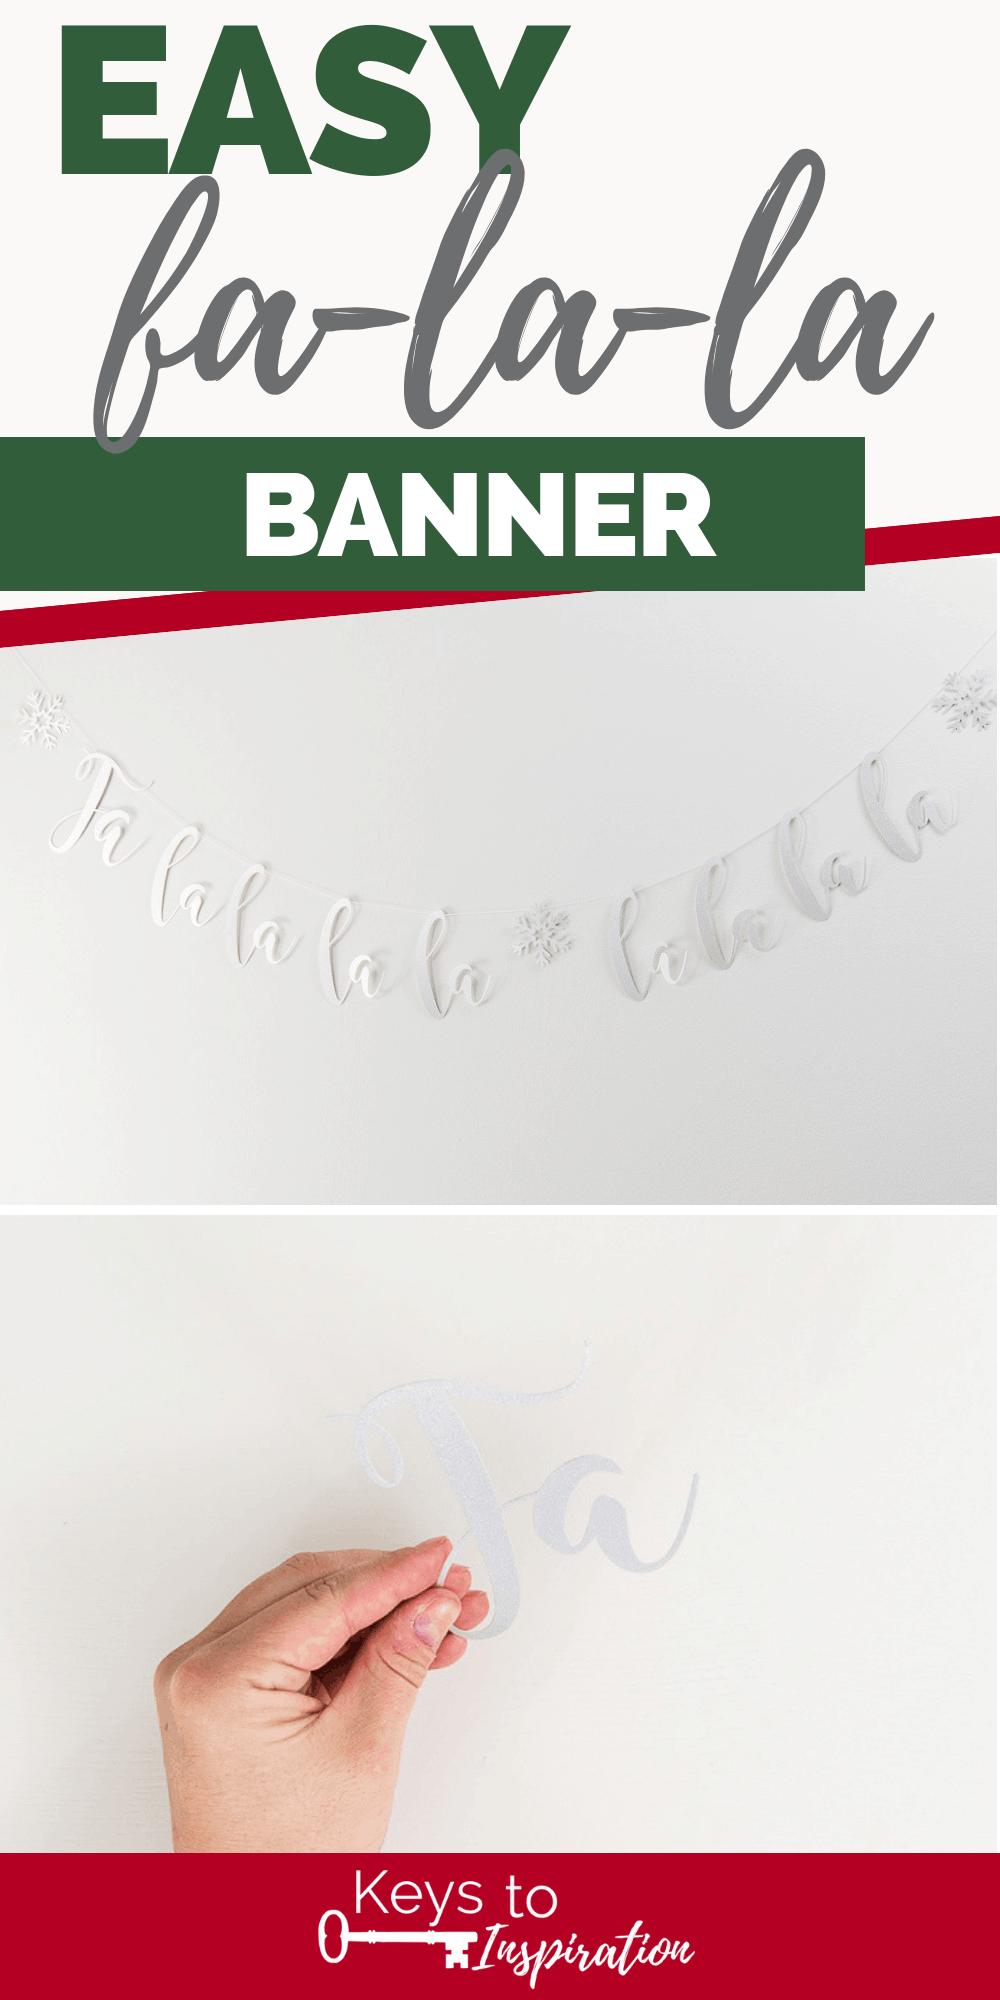 Fa-La-La Banner silver glitter Cricut diy project